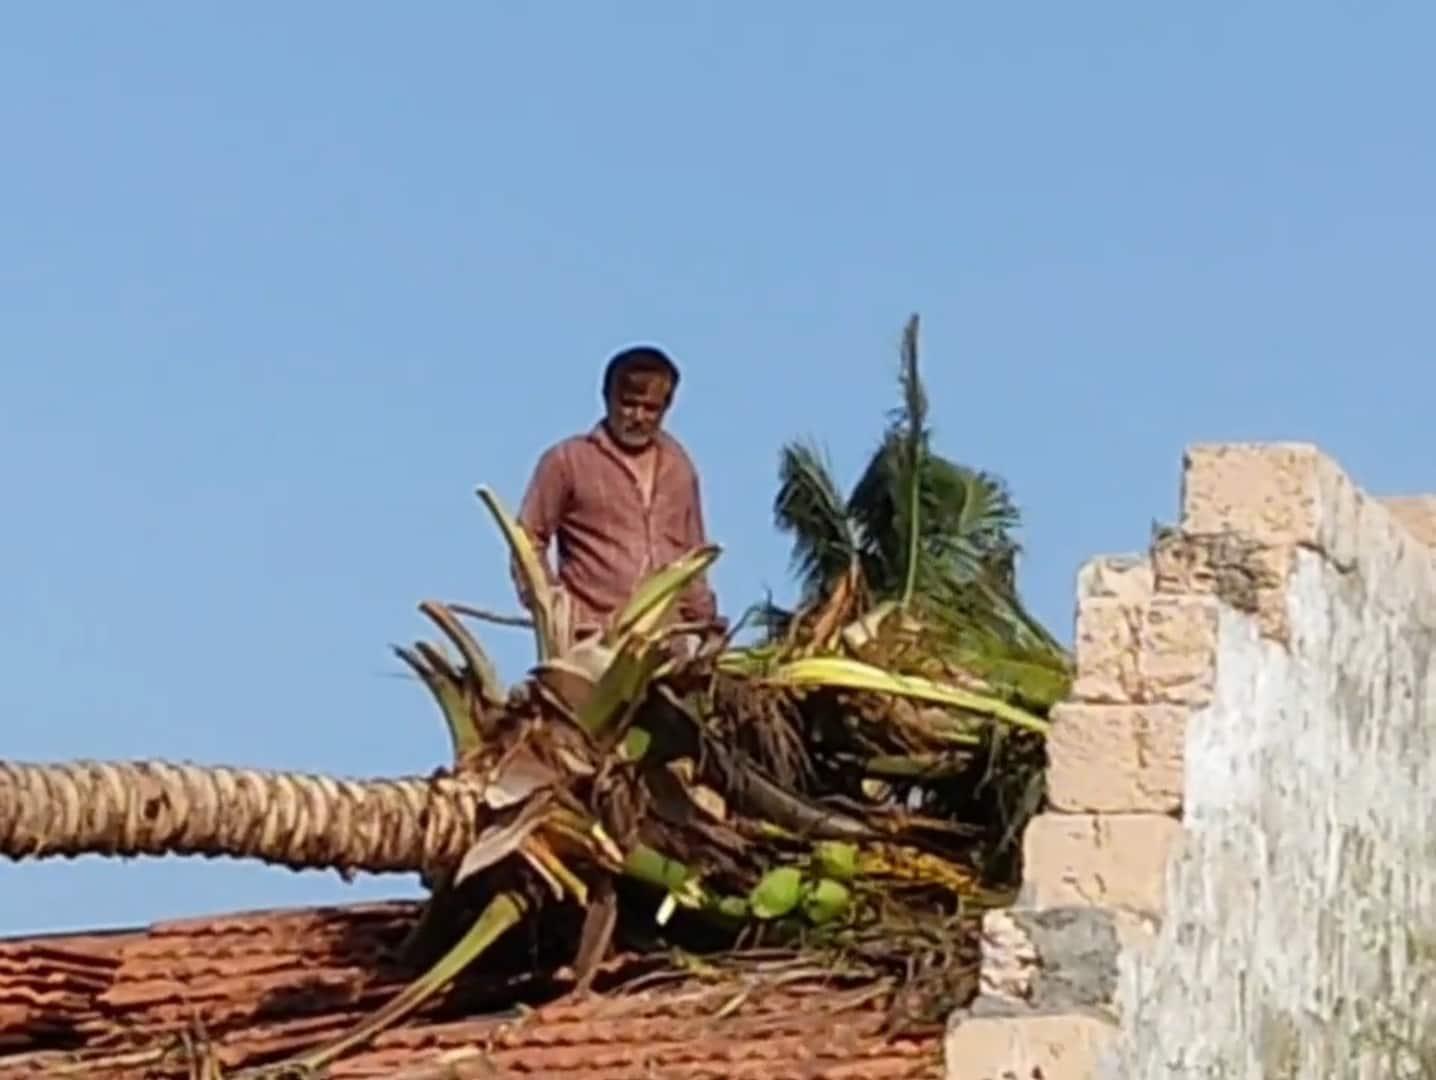 તમામ ગામોમાં મુલાકાત સમયે પાટીલે ખેડૂતોને સાંભળ્યા હતા. જેમાં ખેડૂતોએ વાવાઝોડાંના કારણે થયેલી નુકશાનીને લઈ પાટીલને રજુઆત કરી હતી. તેમજ વહેલી તકે સર્વે કરી યોગ્ય સહાય શરૂ કરવામાં આવે તેવી પણ રજુઆત કરાય હતી.